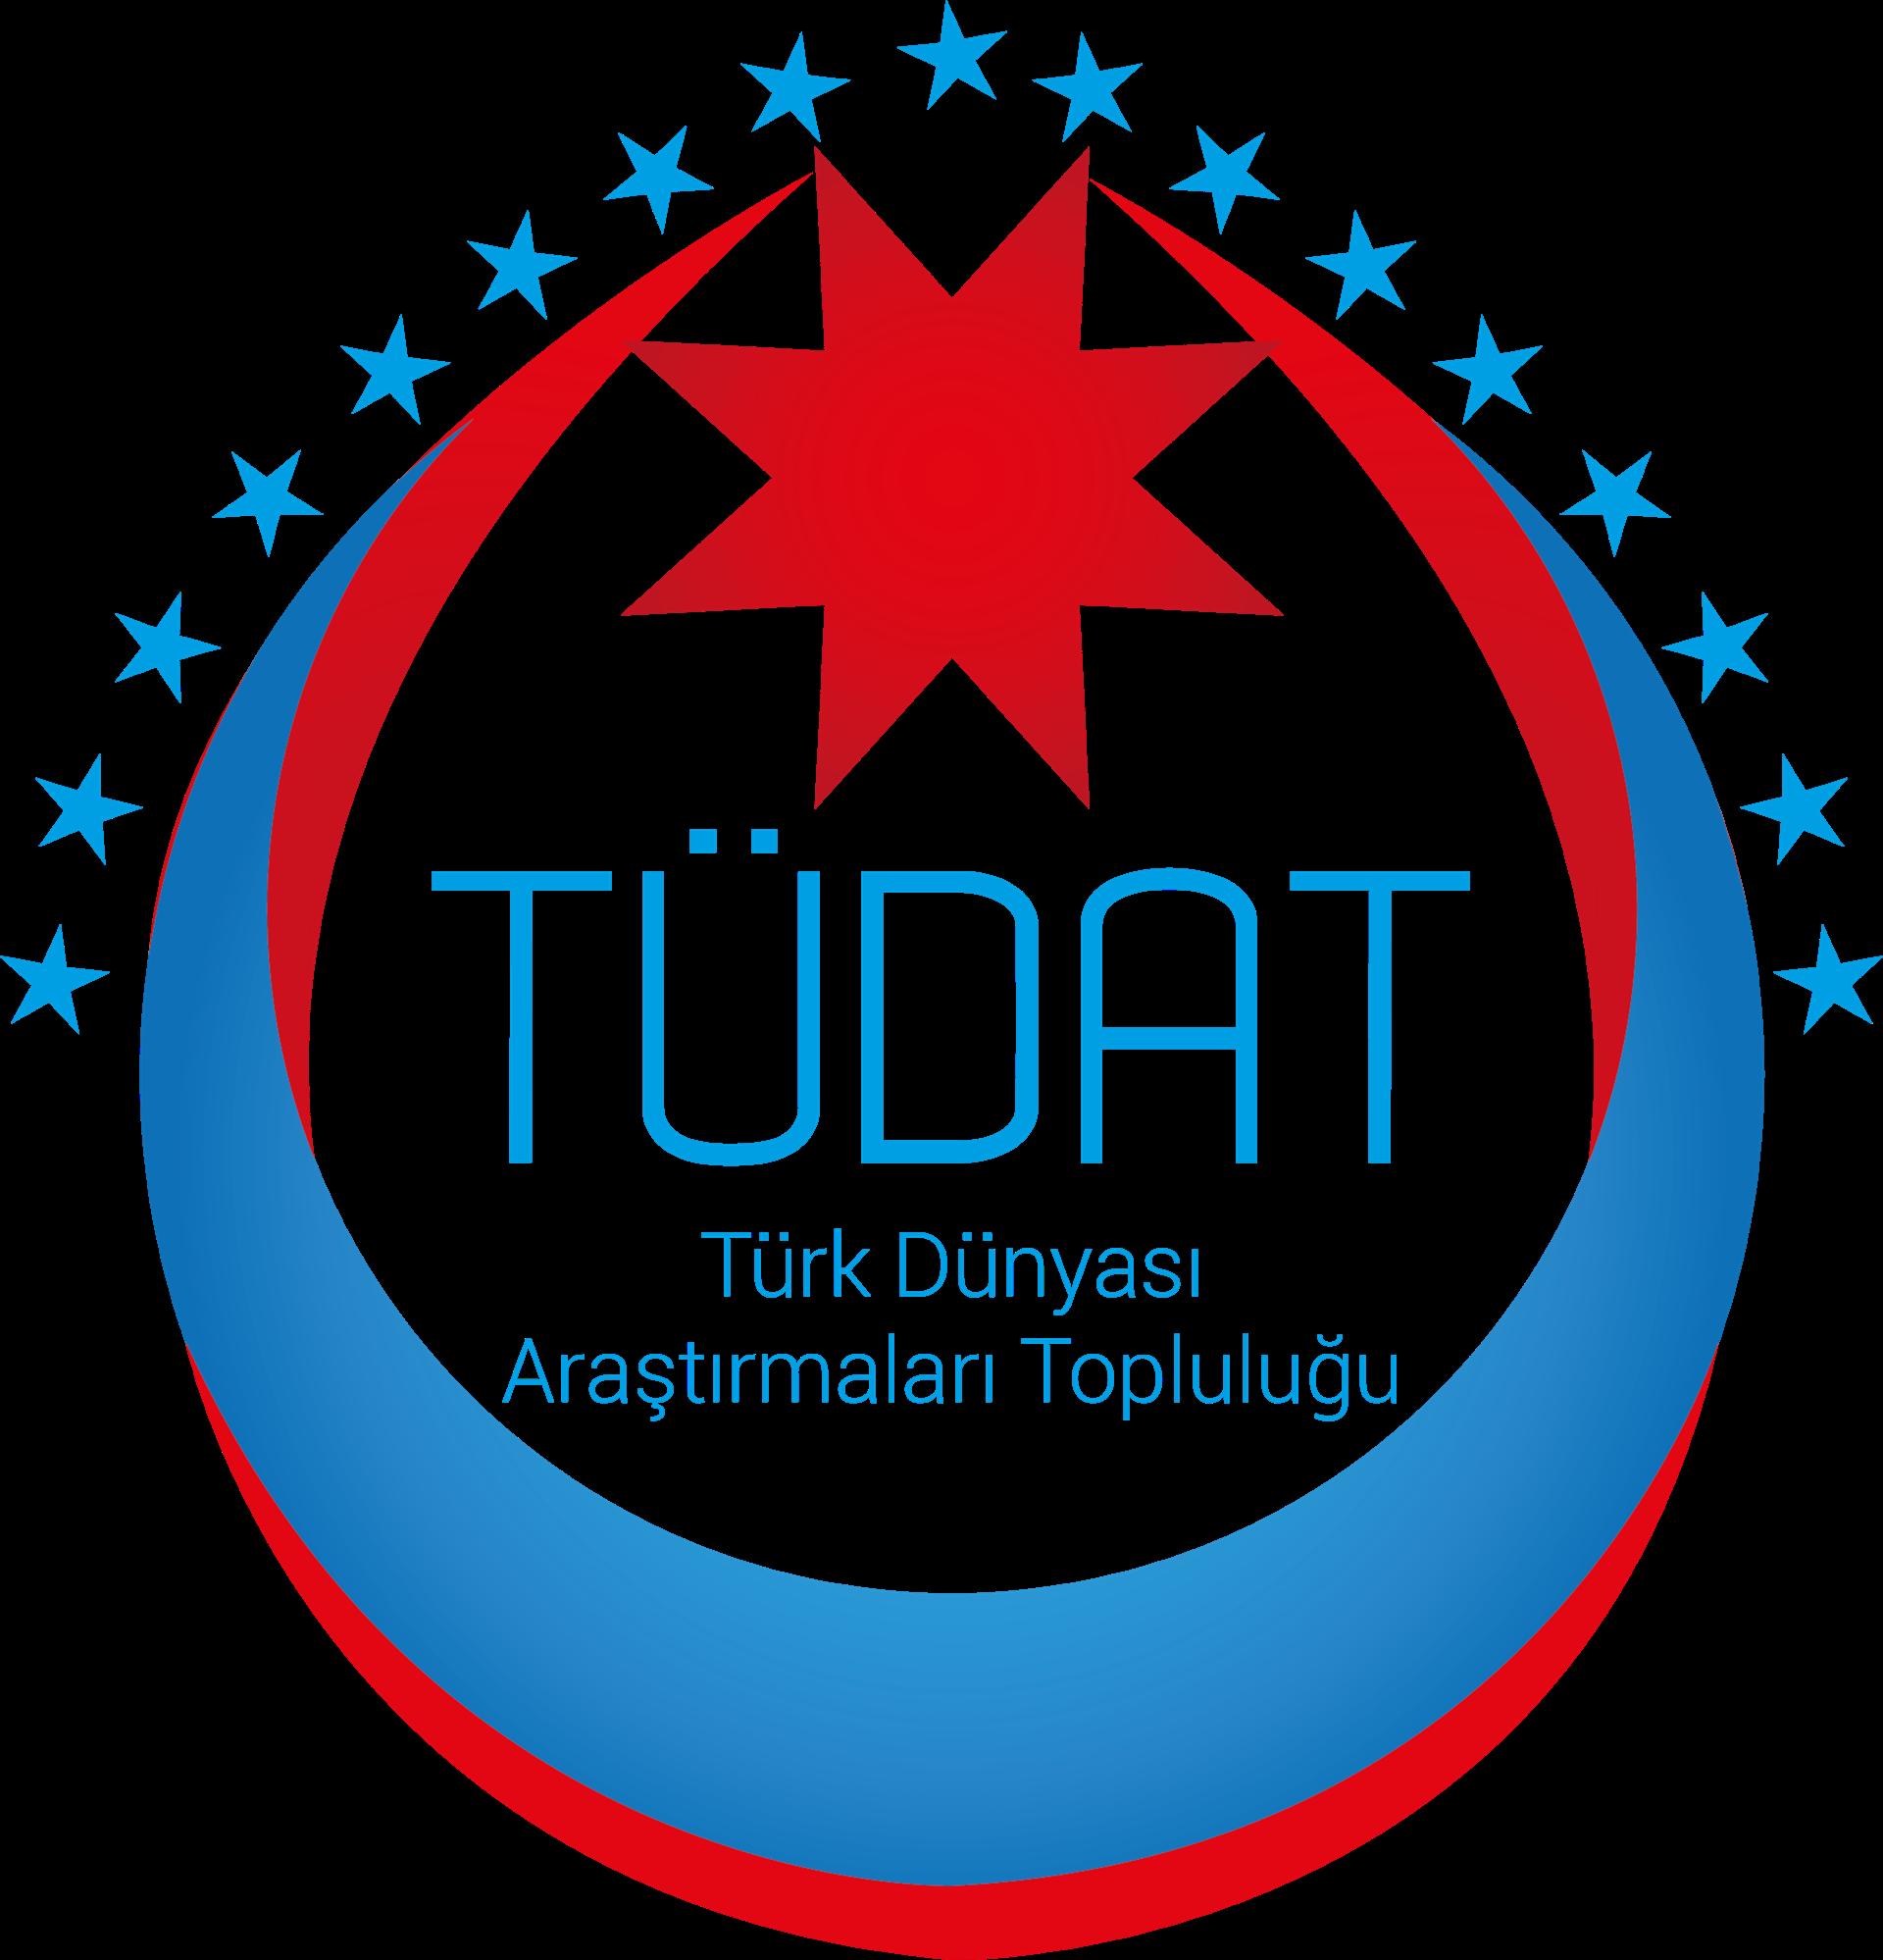 Türk Dünyası Araştırmaları Topluluğu